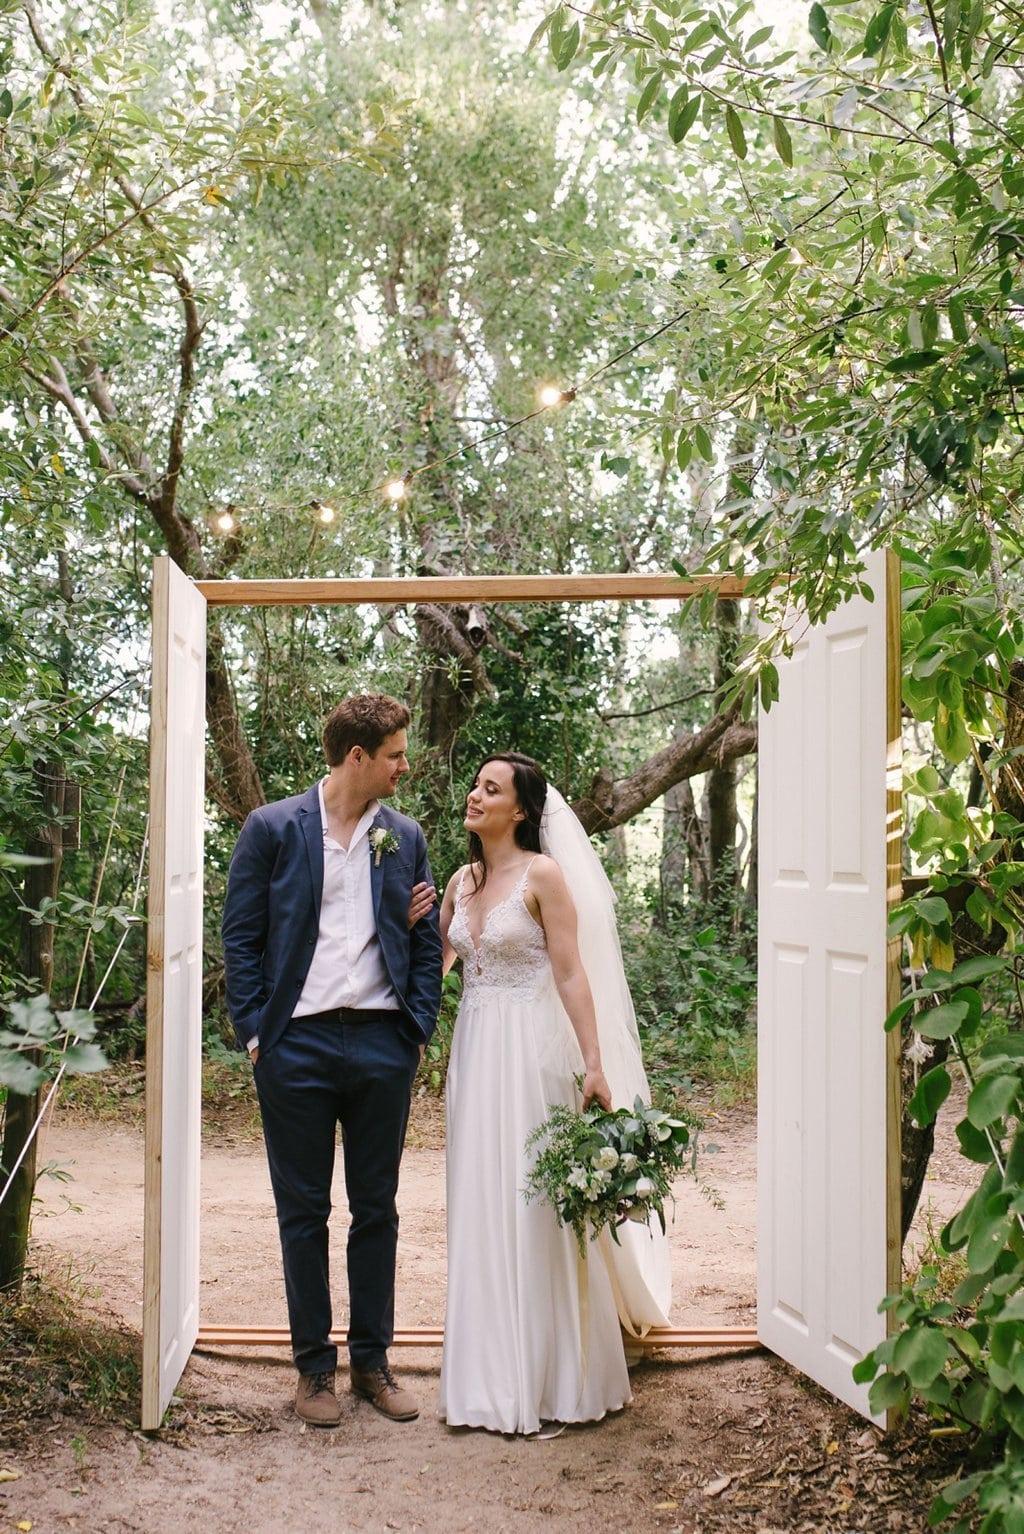 Forest Wedding | Image: Cheryl McEwan